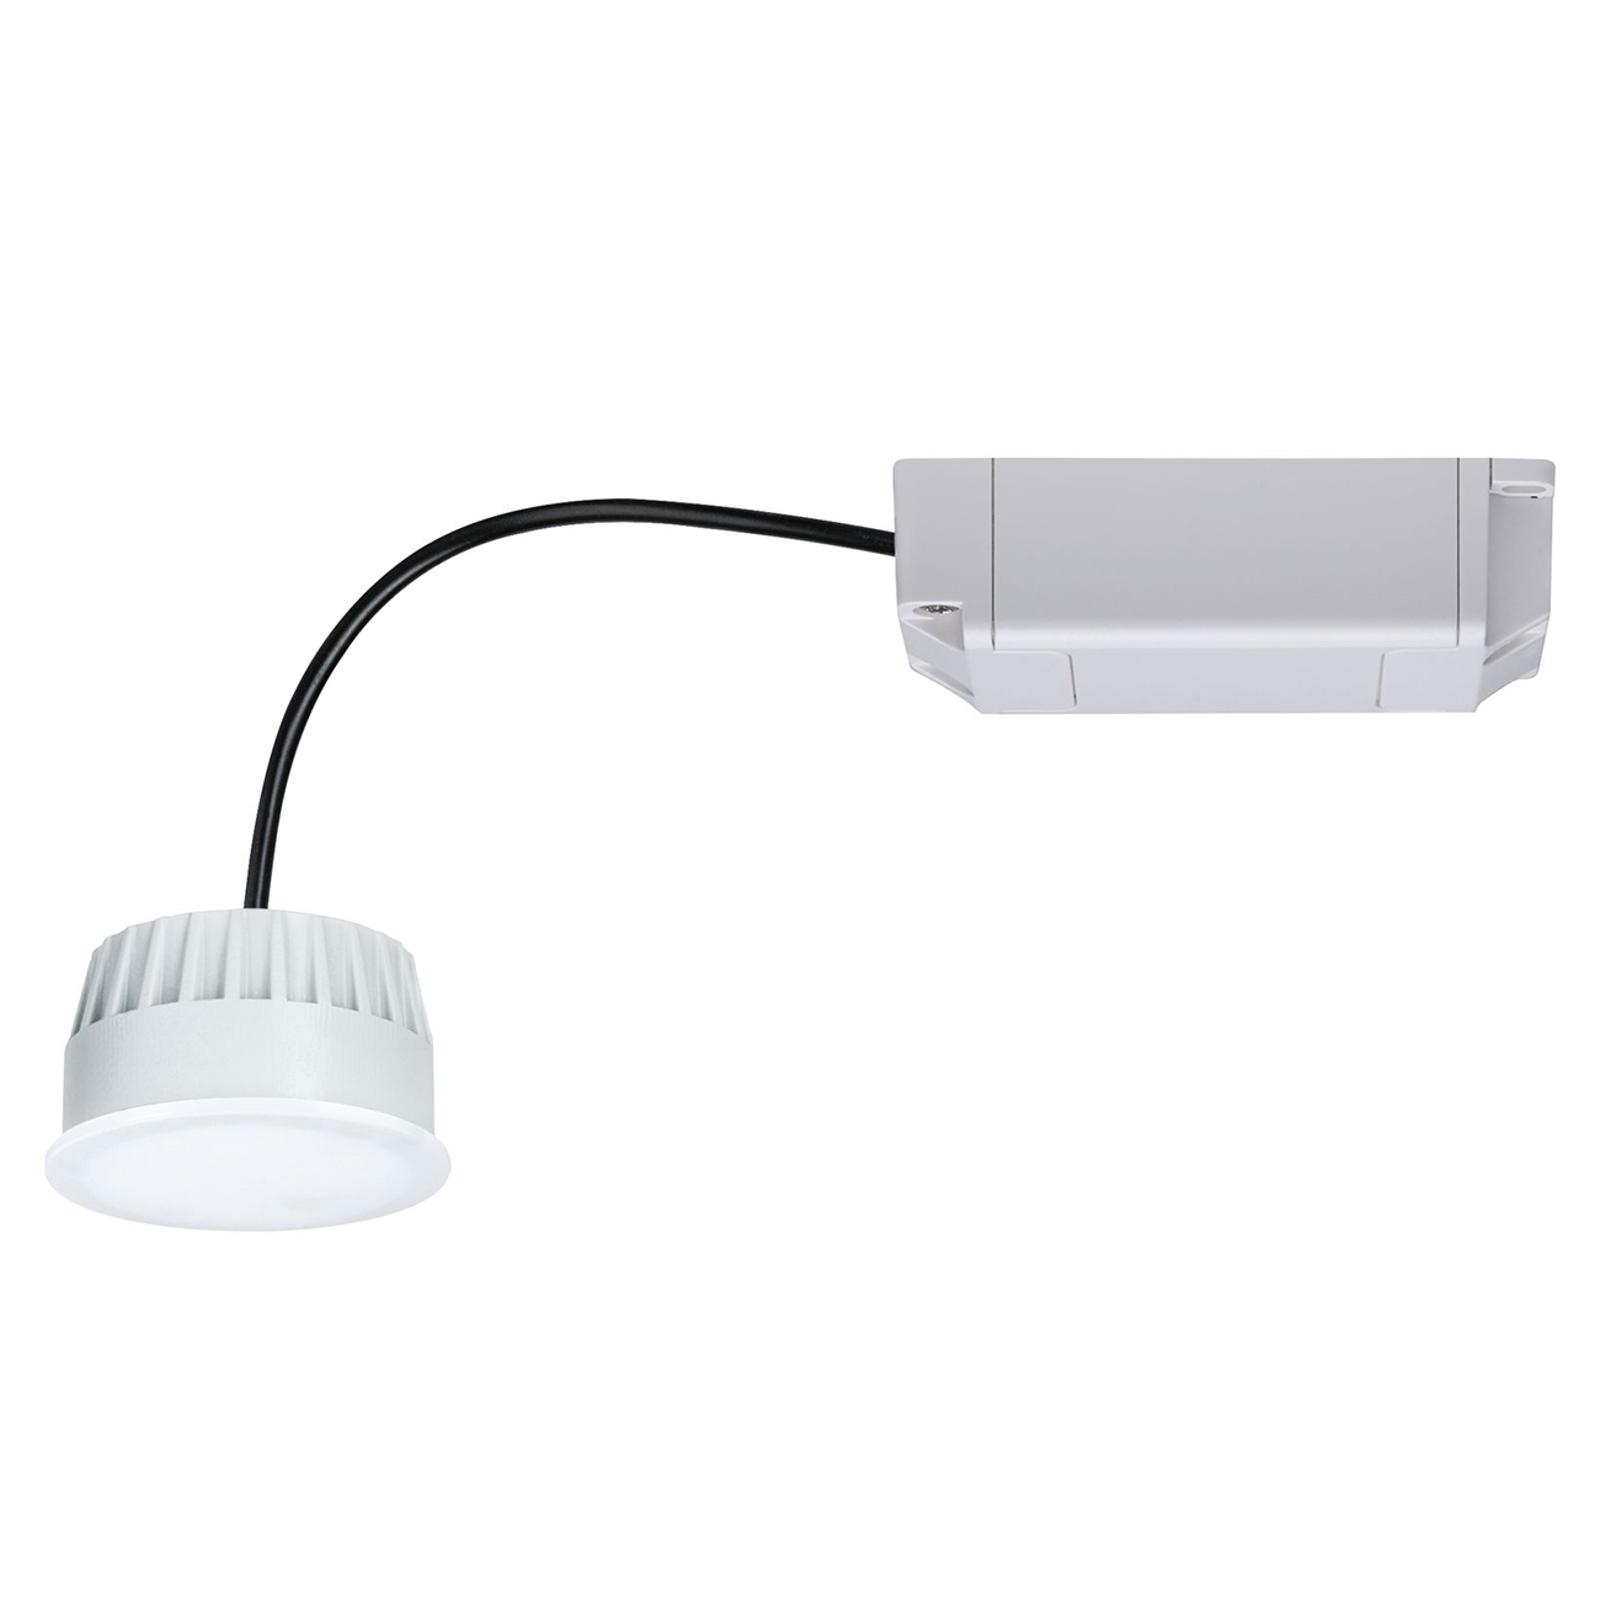 Paulmann Smart Friends ZigBee LED-Modul Coin 2700K